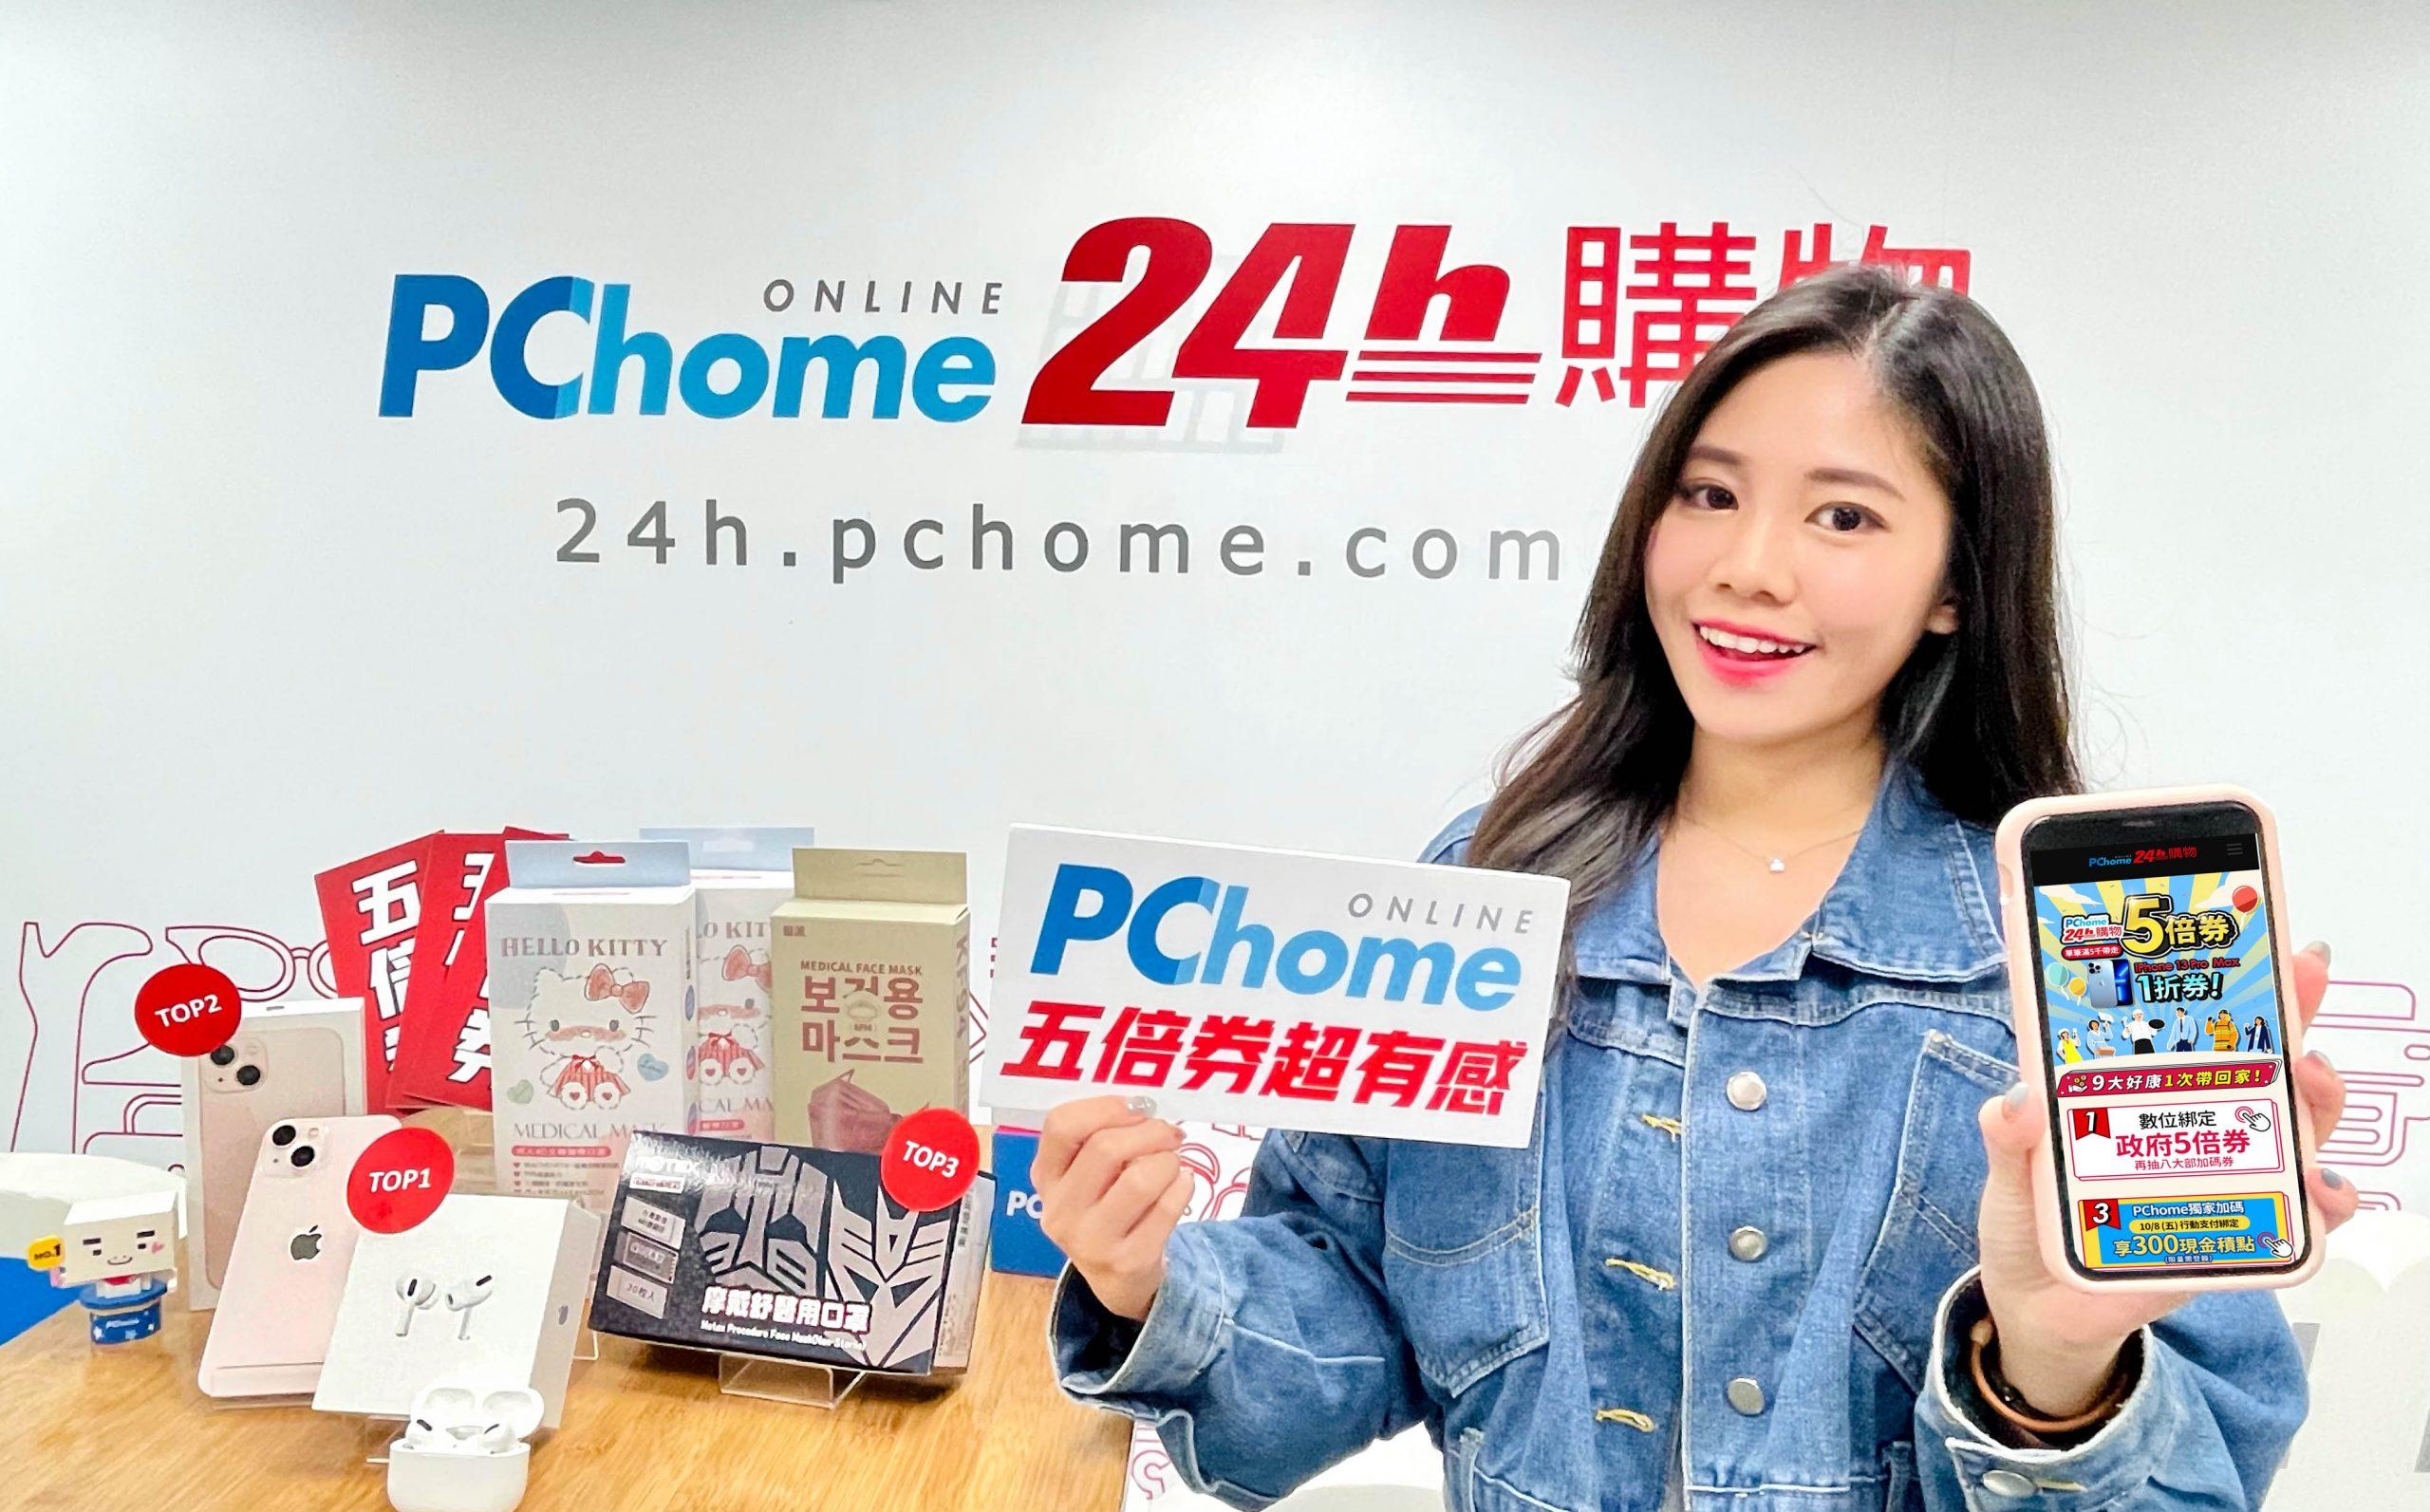 盤點「五倍券熱銷TOP10」!PChome 24h購物雙十連假全站銷額年成長近1.5倍 購物攻略大公開  熱銷冠軍 AirPods Pro搭配五倍券及金流回饋 0元帶回家!